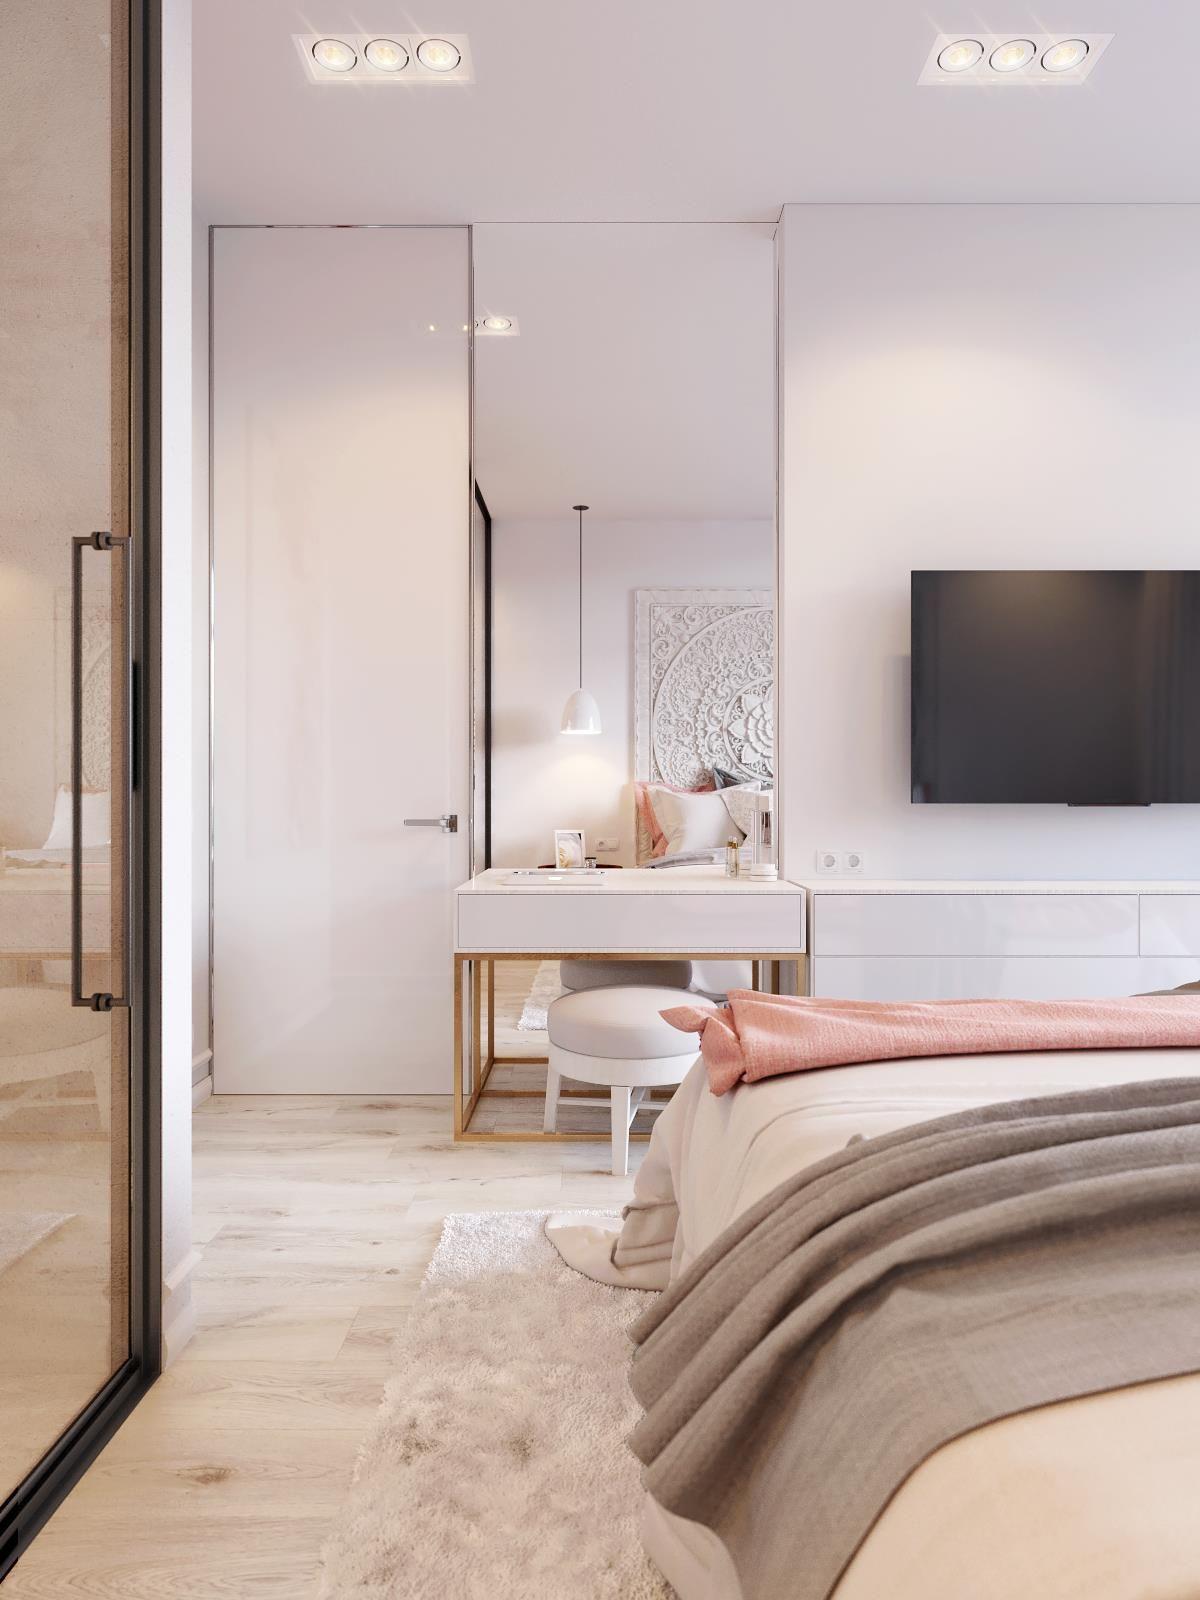 Pin di Anna Gasparotto su Camera letto | Pinterest | Sonno e Mobili